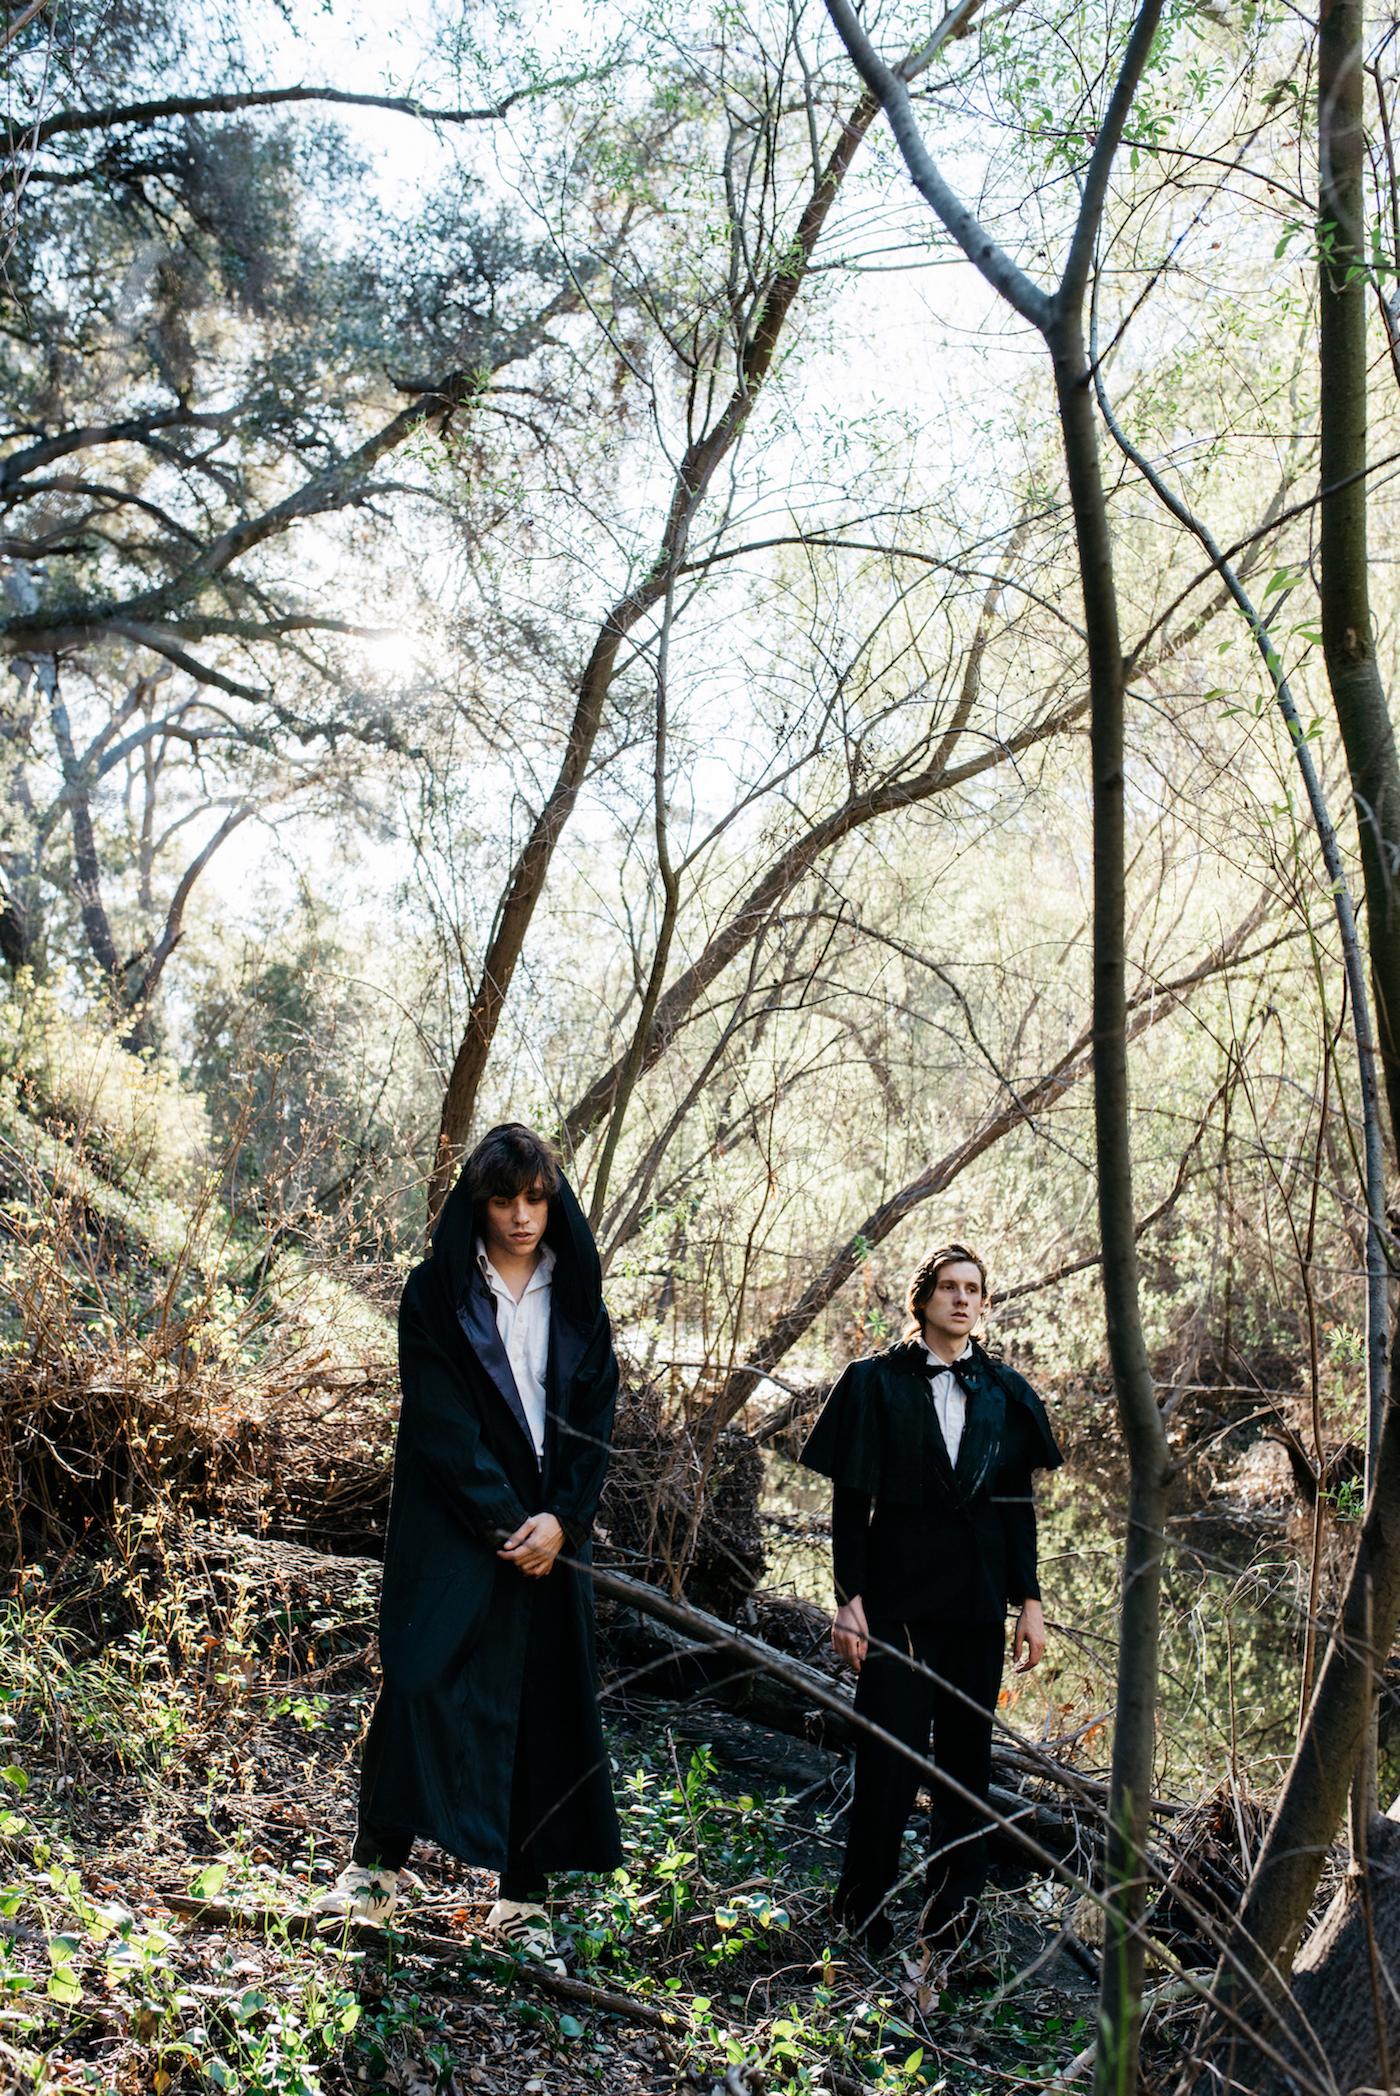 (L-R) Jonathan Rado and Sam France